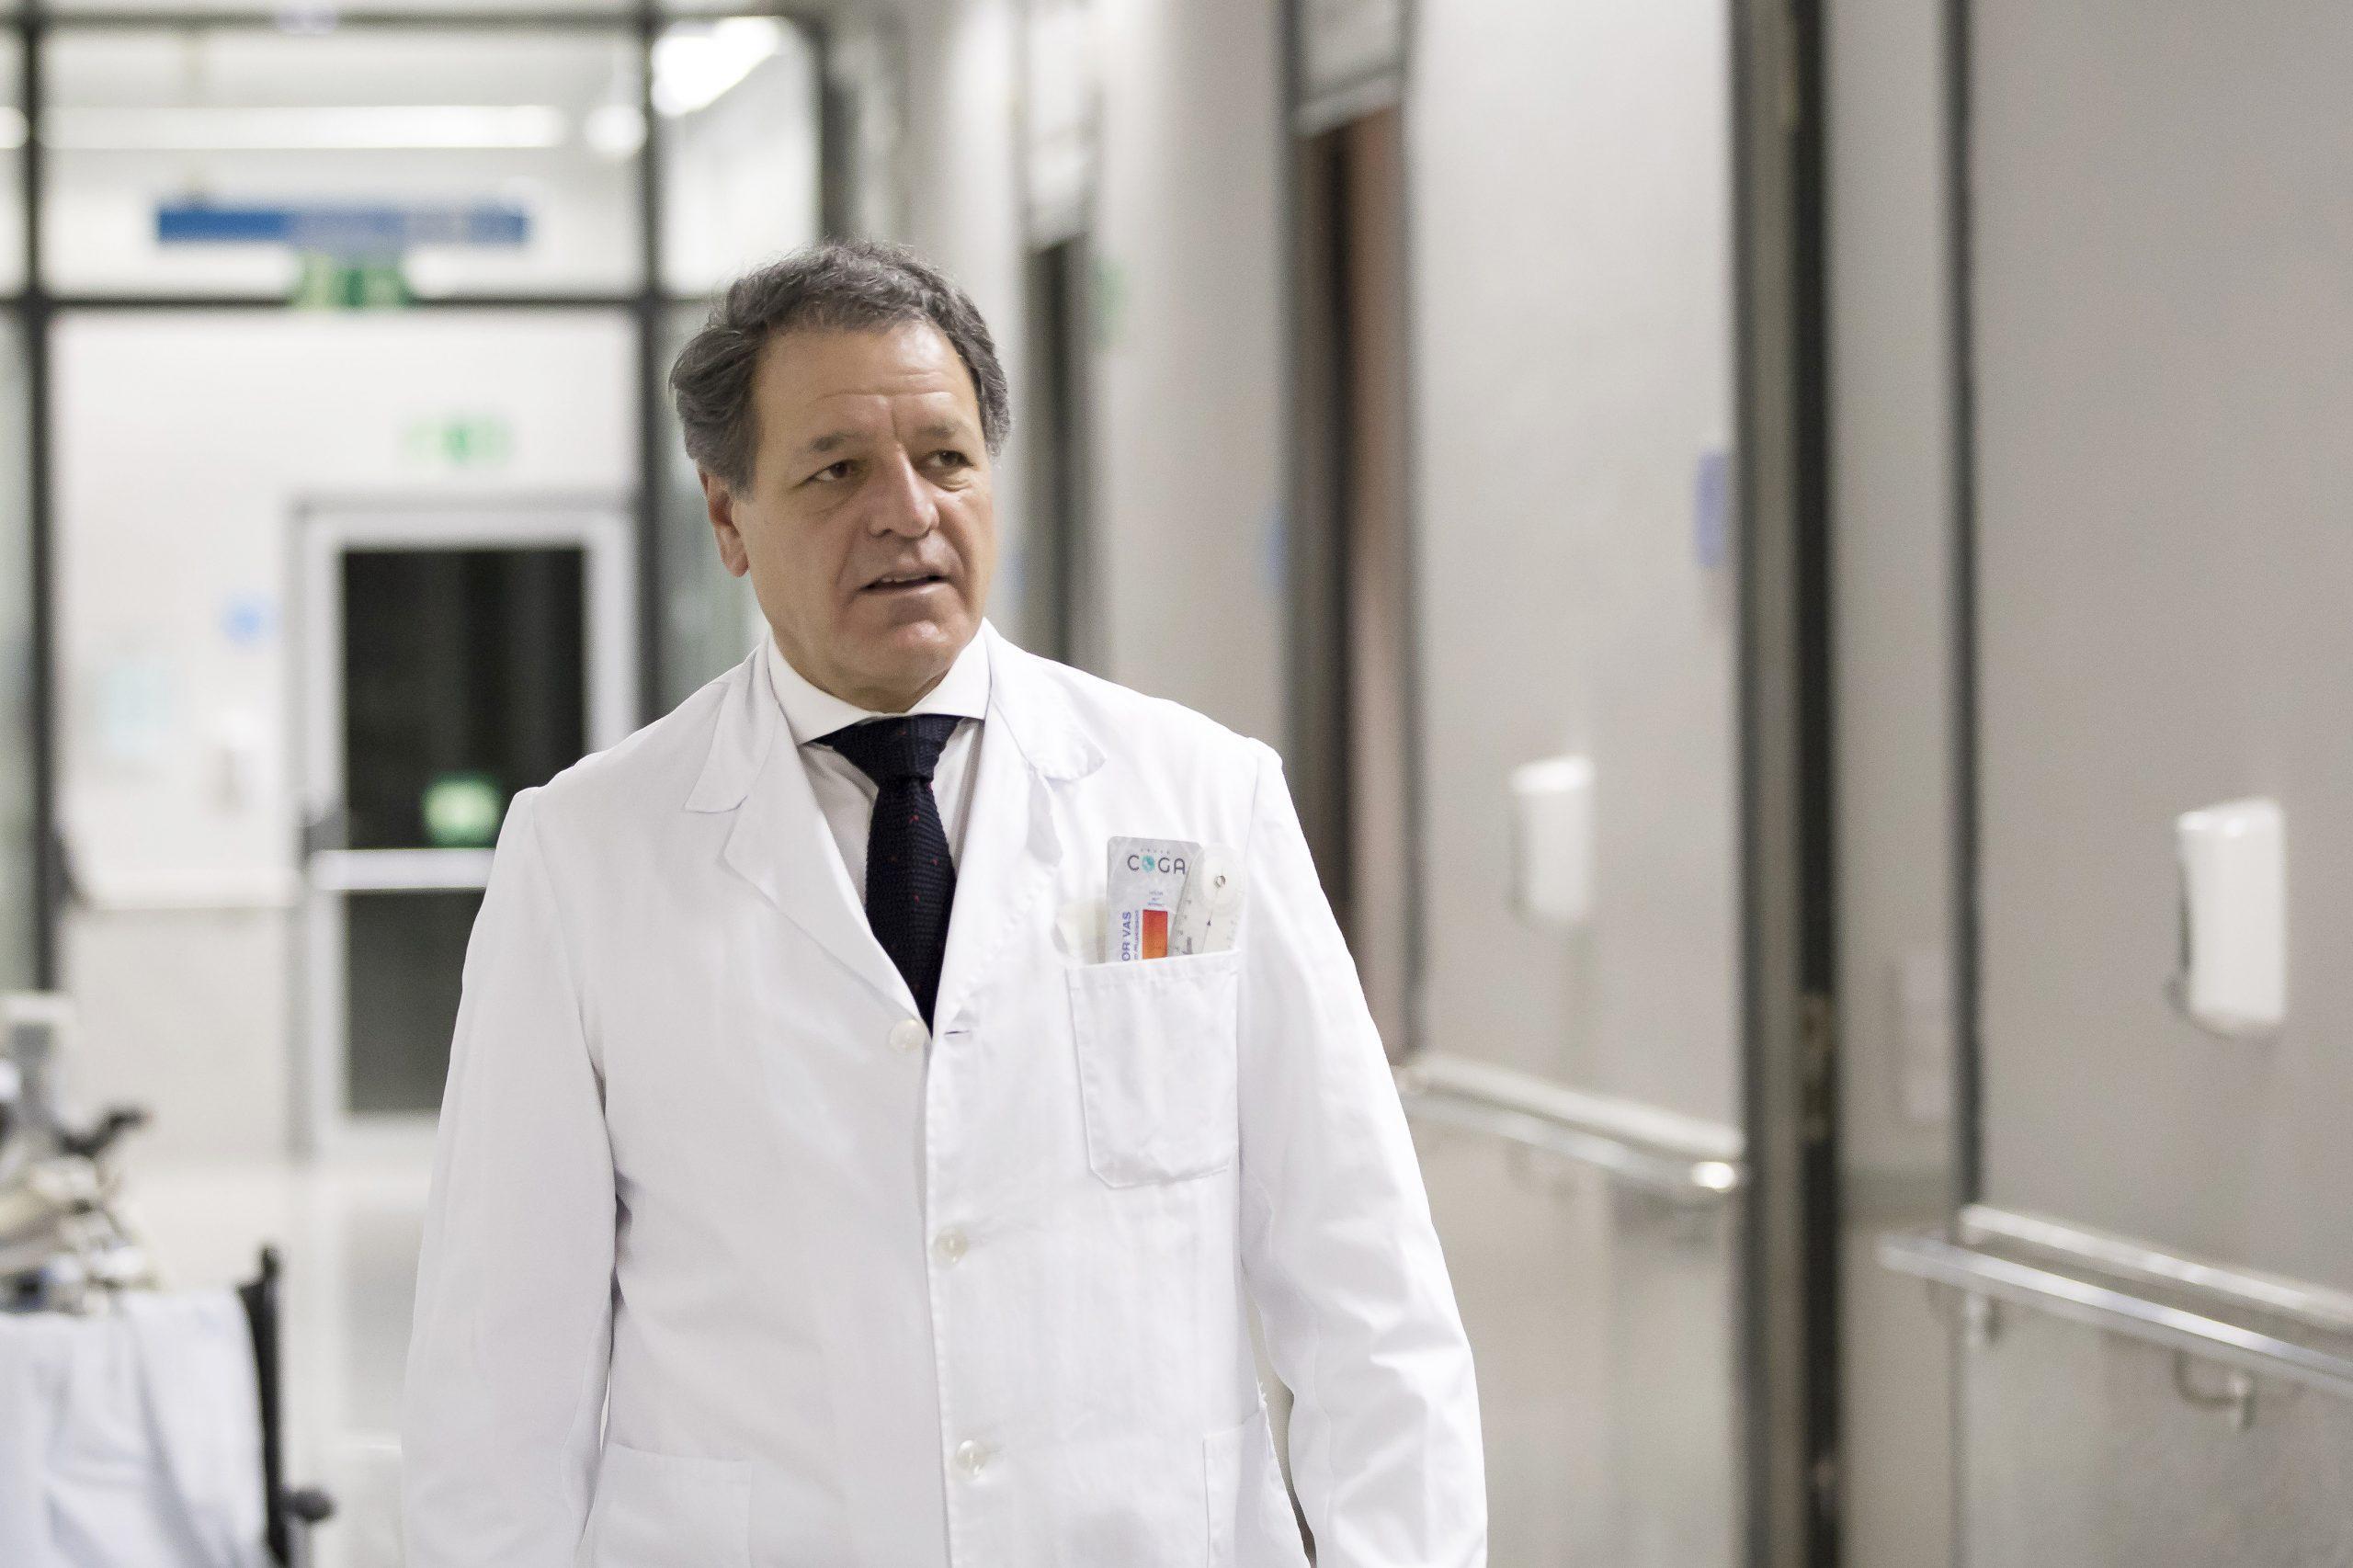 Dr. Llpis Un doctor madrileño, referente en la introducción de la robótica en la cirugía protésica de cadera y rodilla